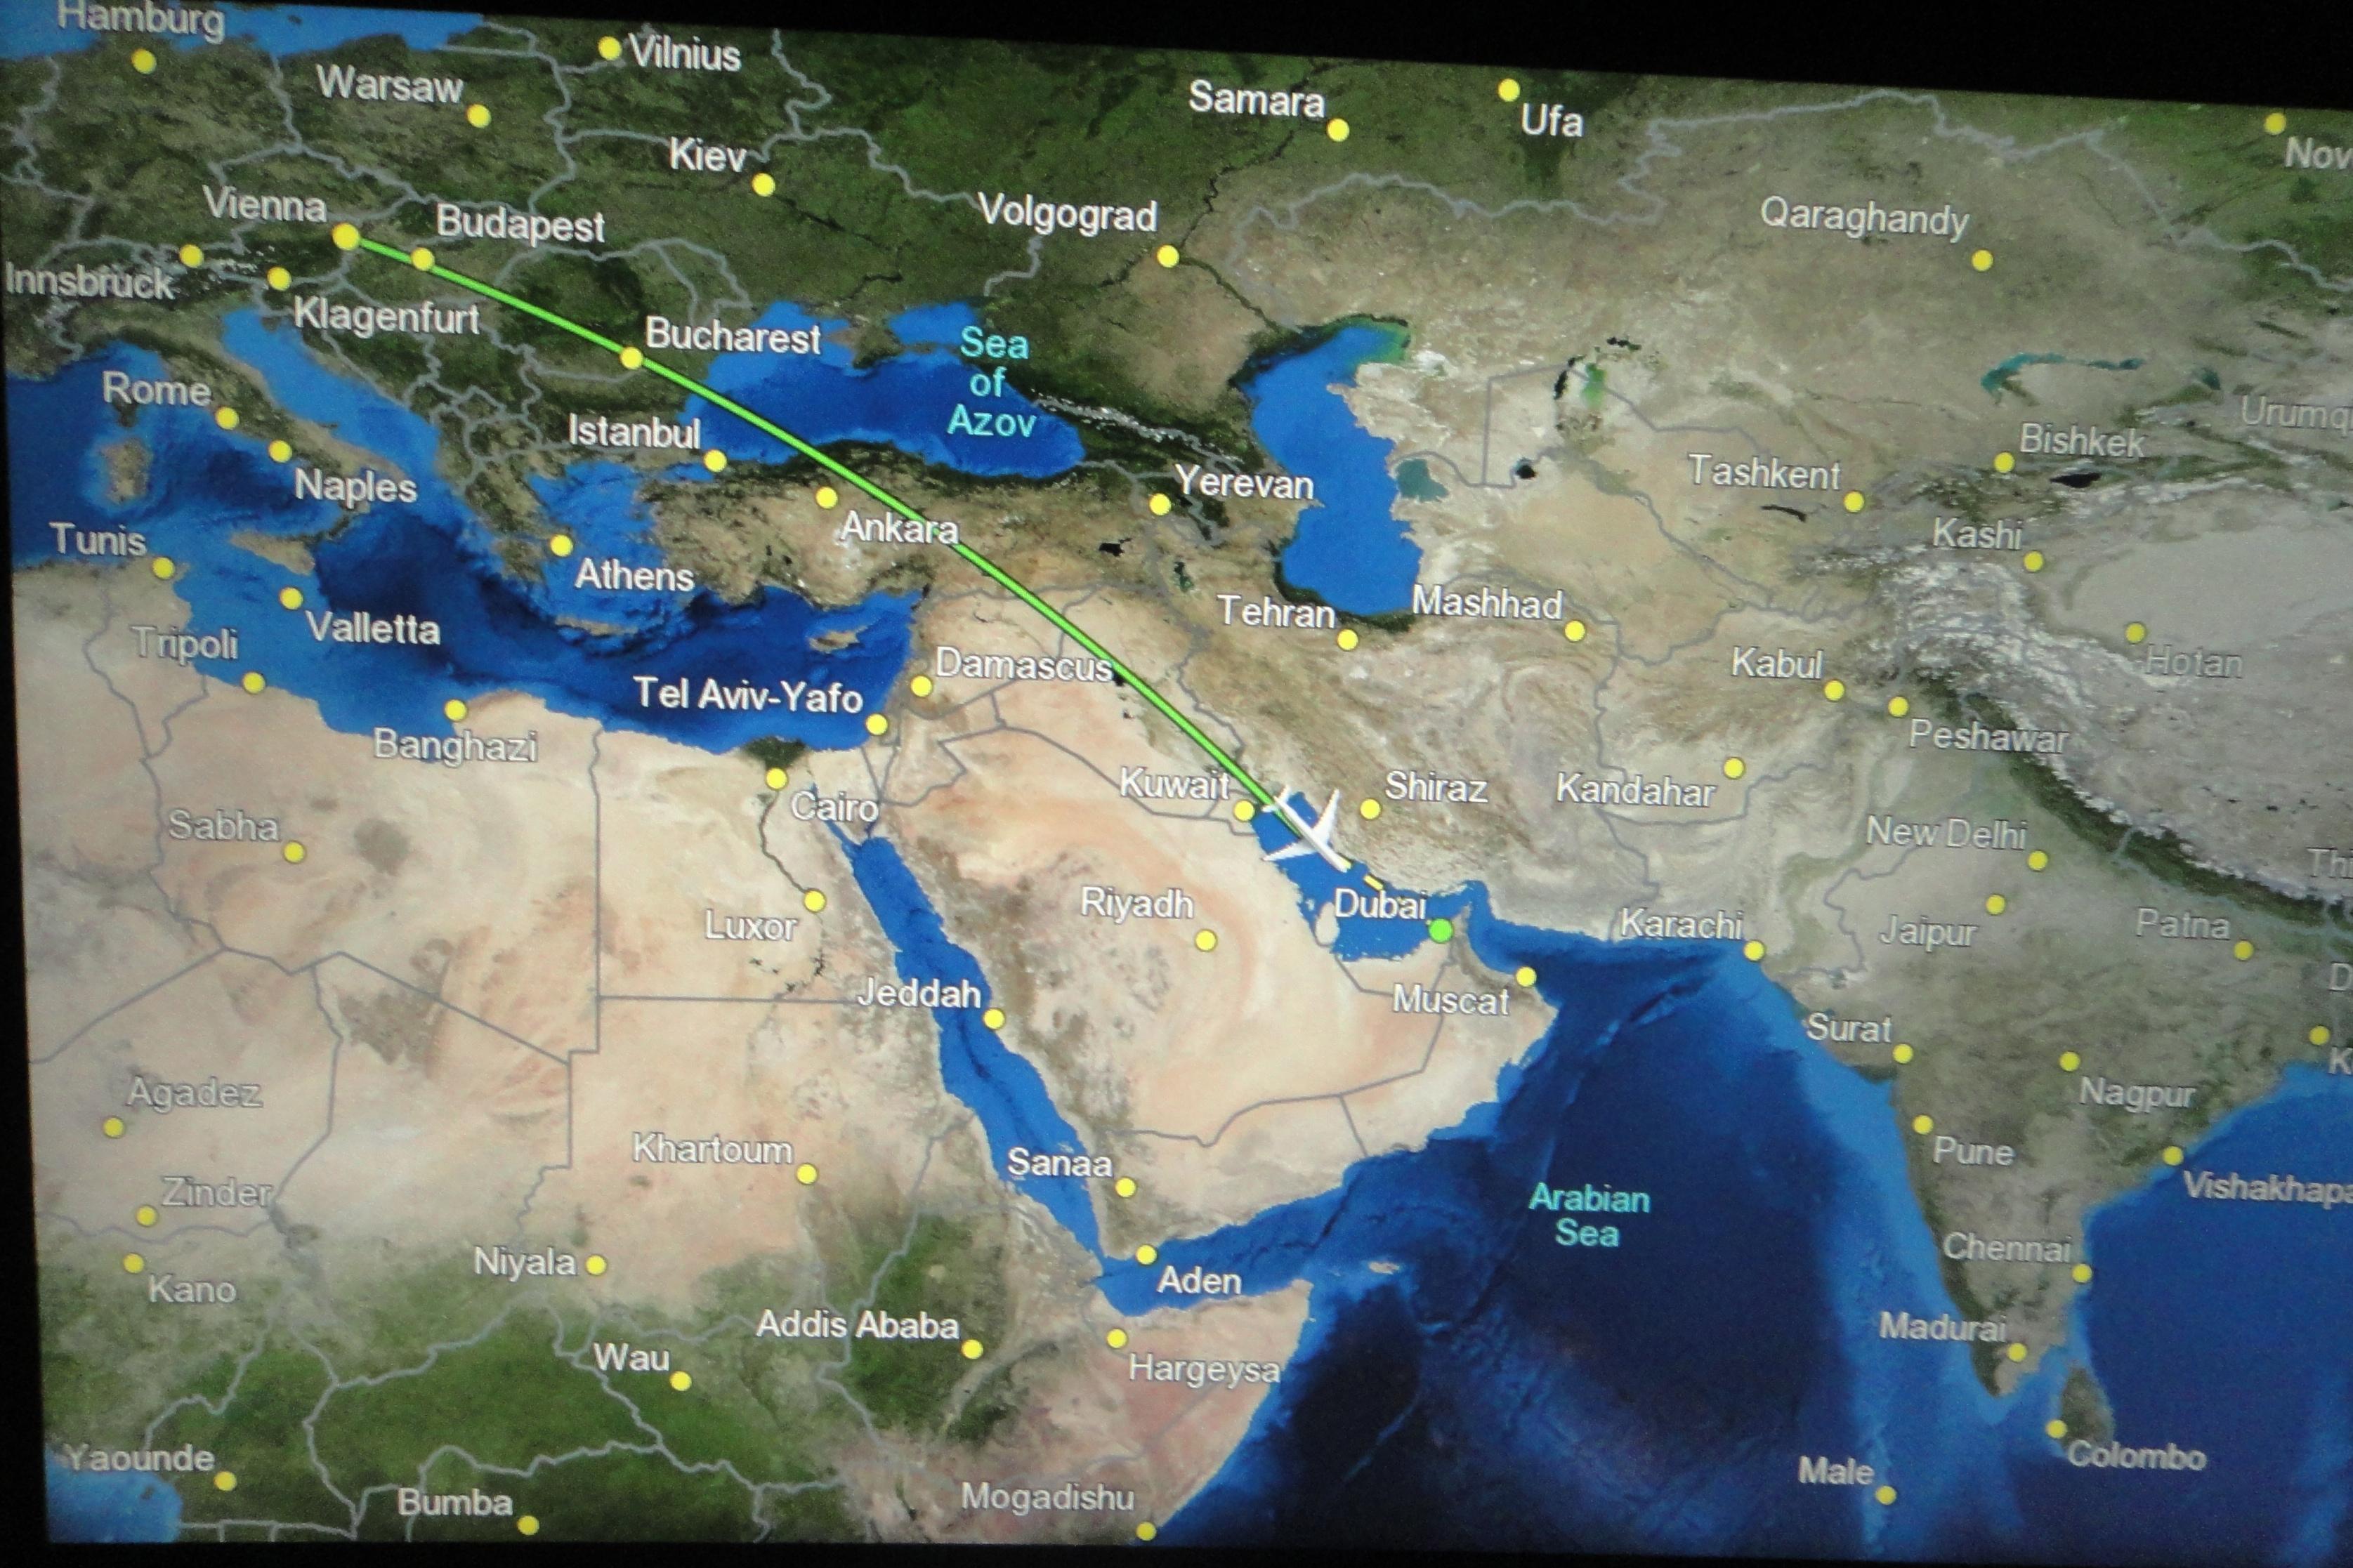 from Vienna to Dubai / von Wien nach Dubai